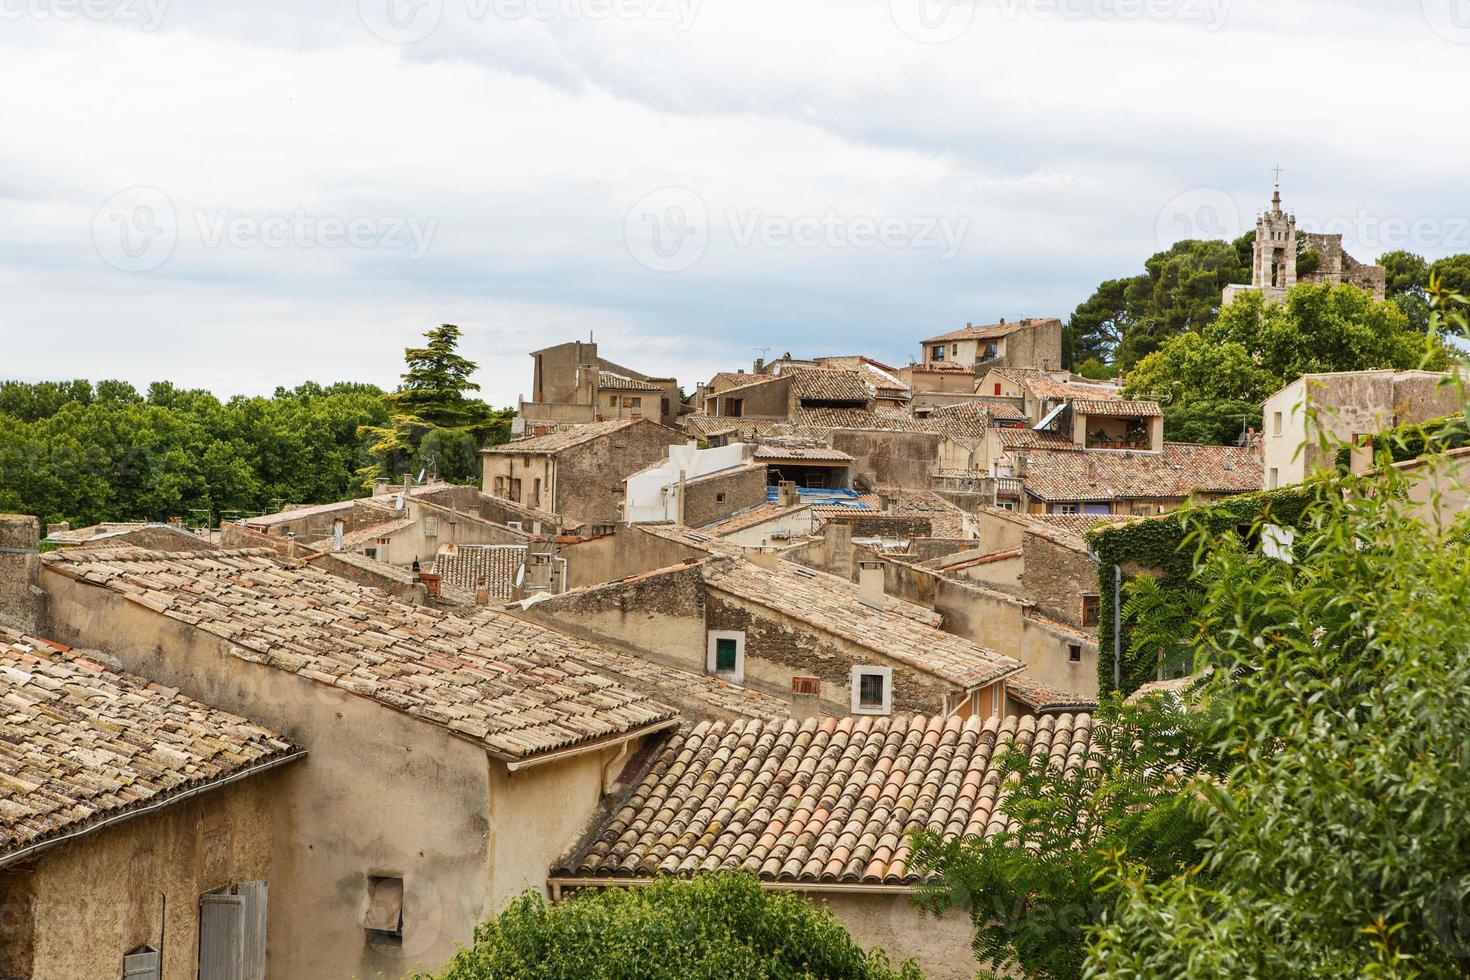 vue sur toiture et paysage de village provençal. photo